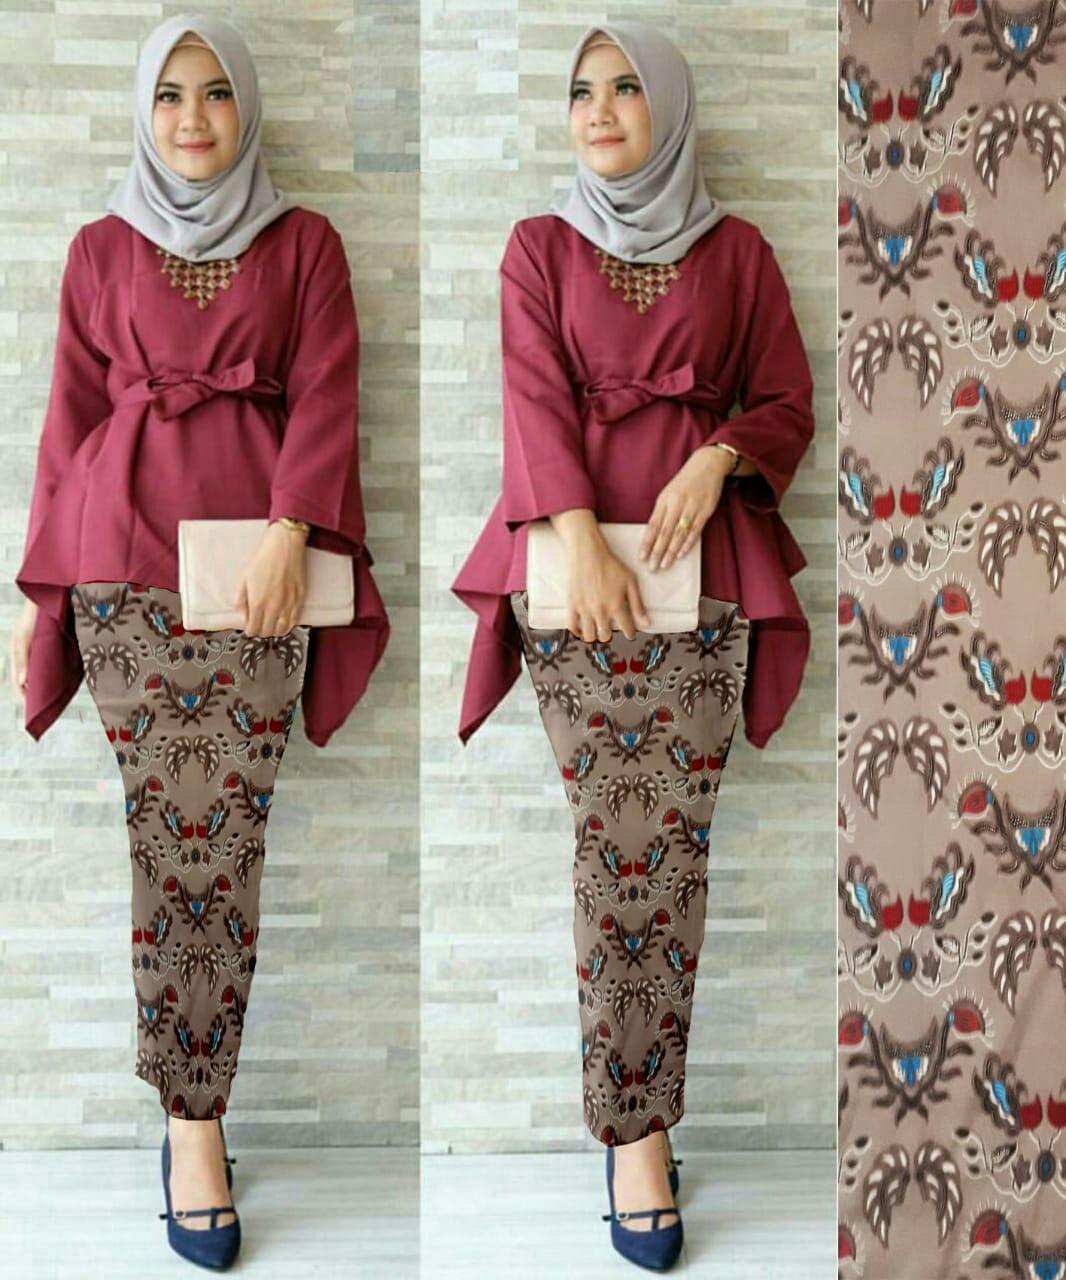 J&C Setelan 2In1 Nafira Absol /  Atasan Wolpeach / Rok Batik Prada / Setelan Kebaya 2 in 1 / Baju Pesta / Kebaya Muslim / Rok Panjang Batik / Rok Batik / Baju Muslim / Hijab Style / Hijab Fashion